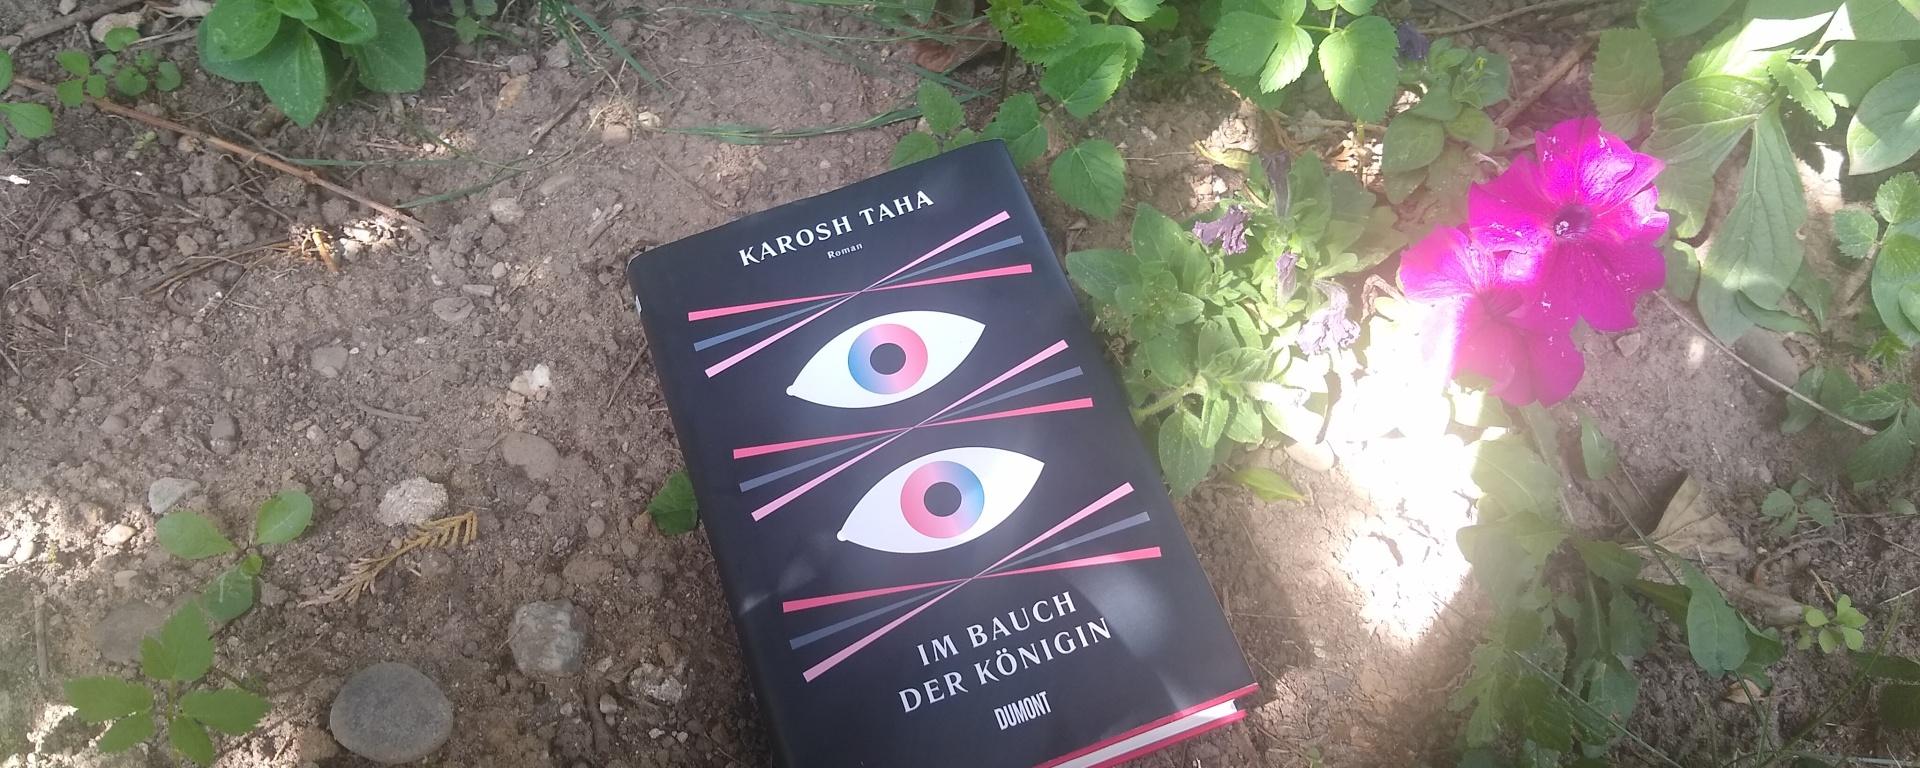 """Buch """"Im Bauch der Königin"""" im Blumenbeet"""